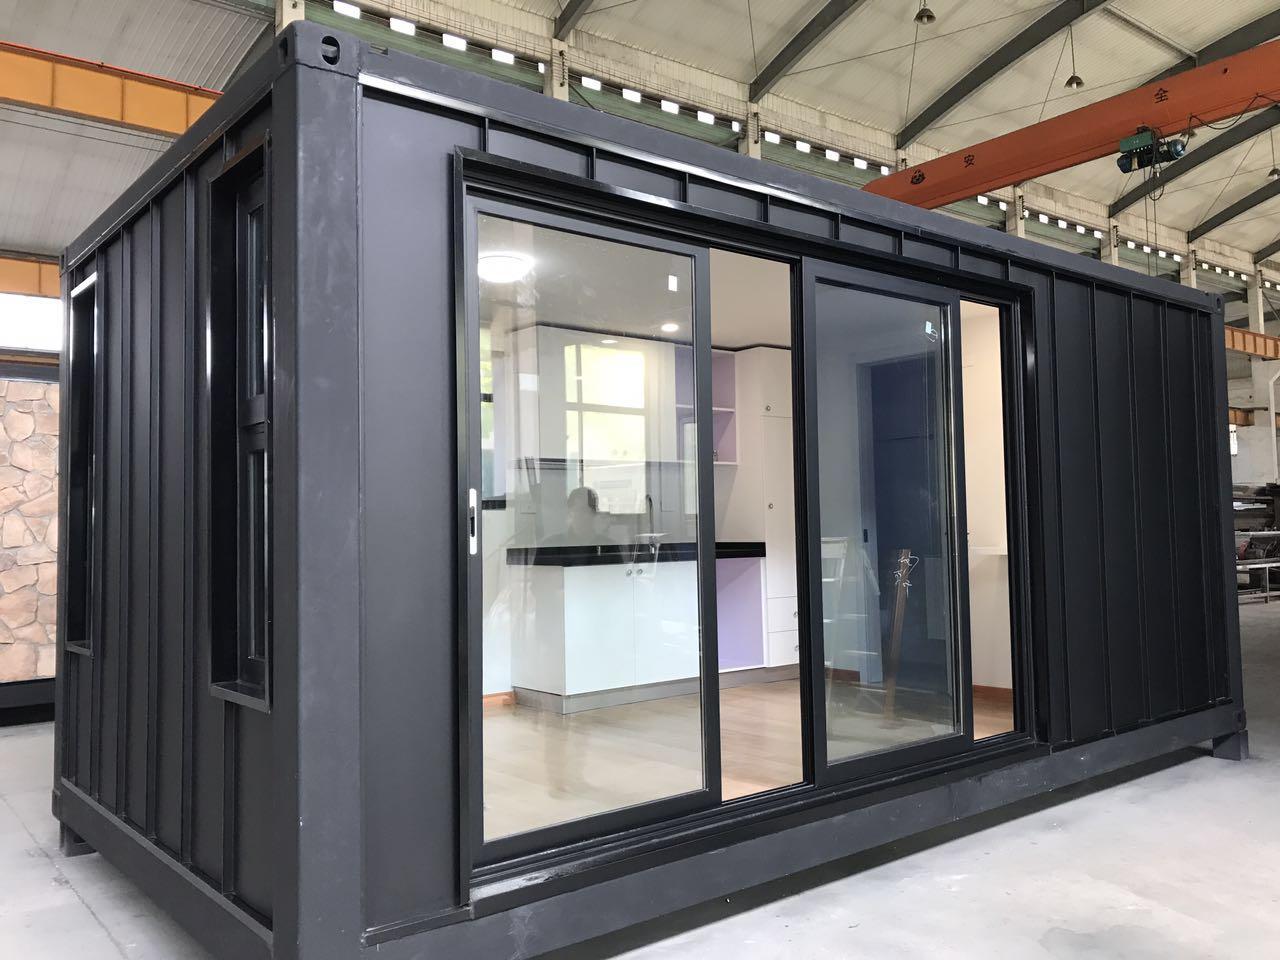 Tamamen Bitmiş Genişletilebilir 20ft Nakliye Modüler Ev Konteyner Ev Avustralya Standart Planları